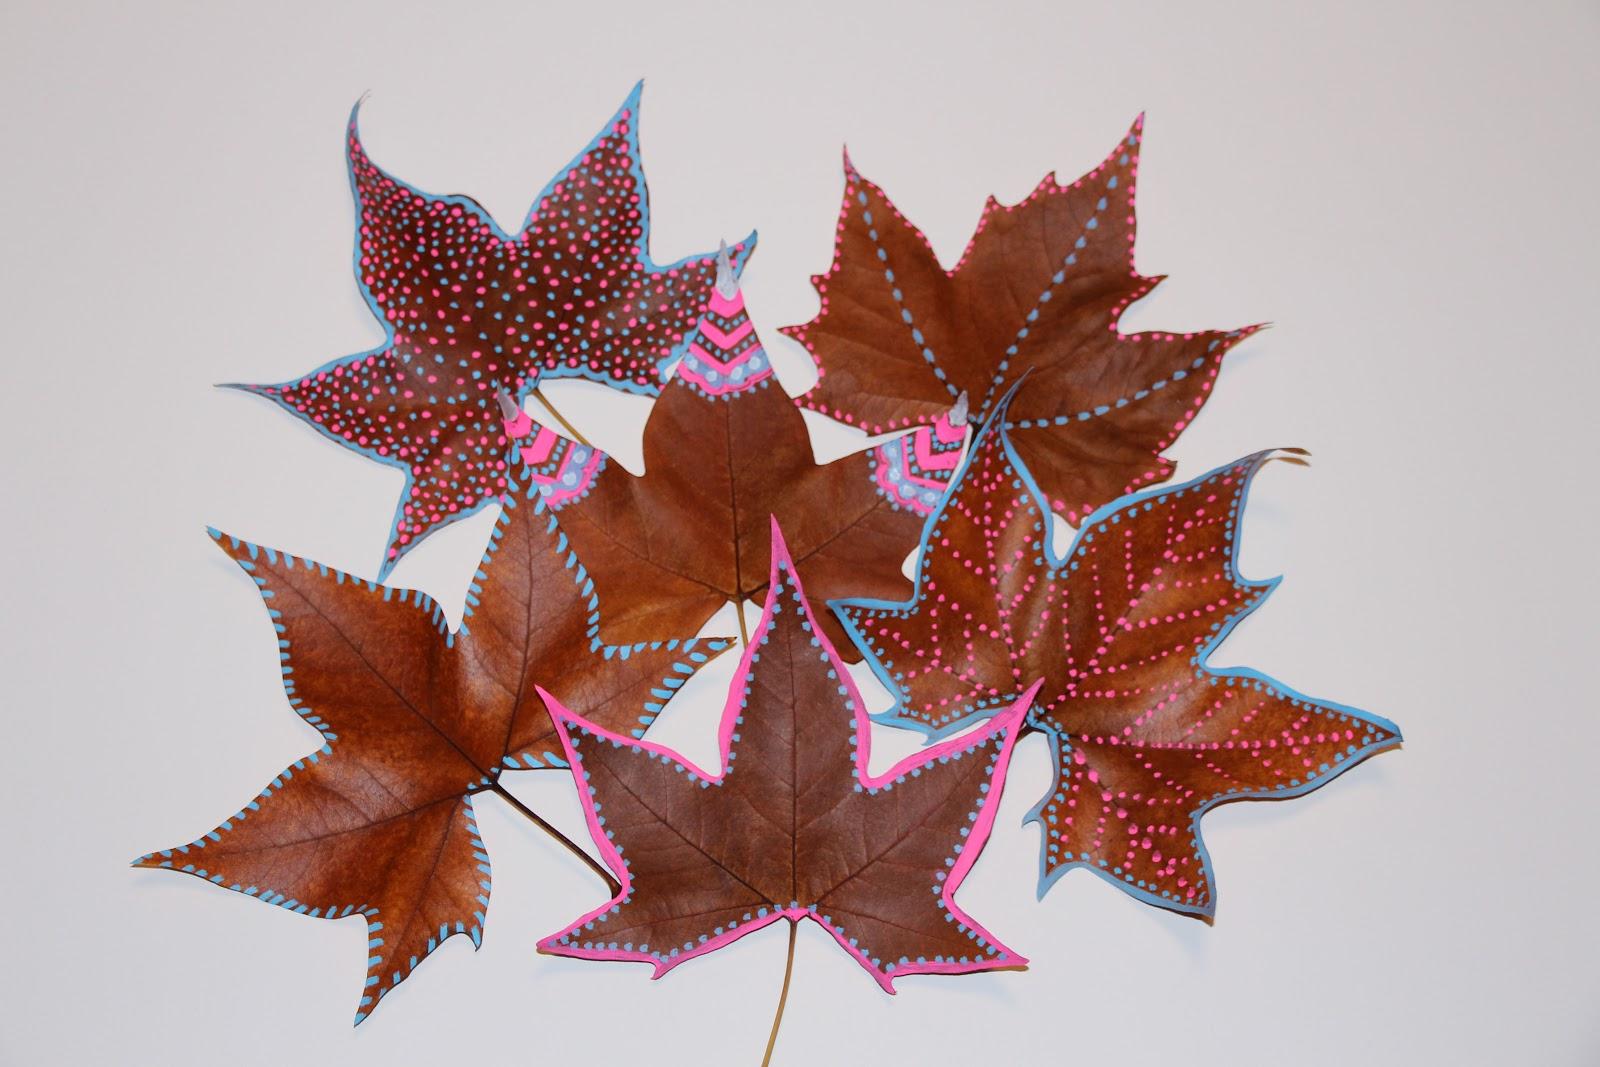 Mardefiesta hojas pintadas - Decorar hojas de otono ...